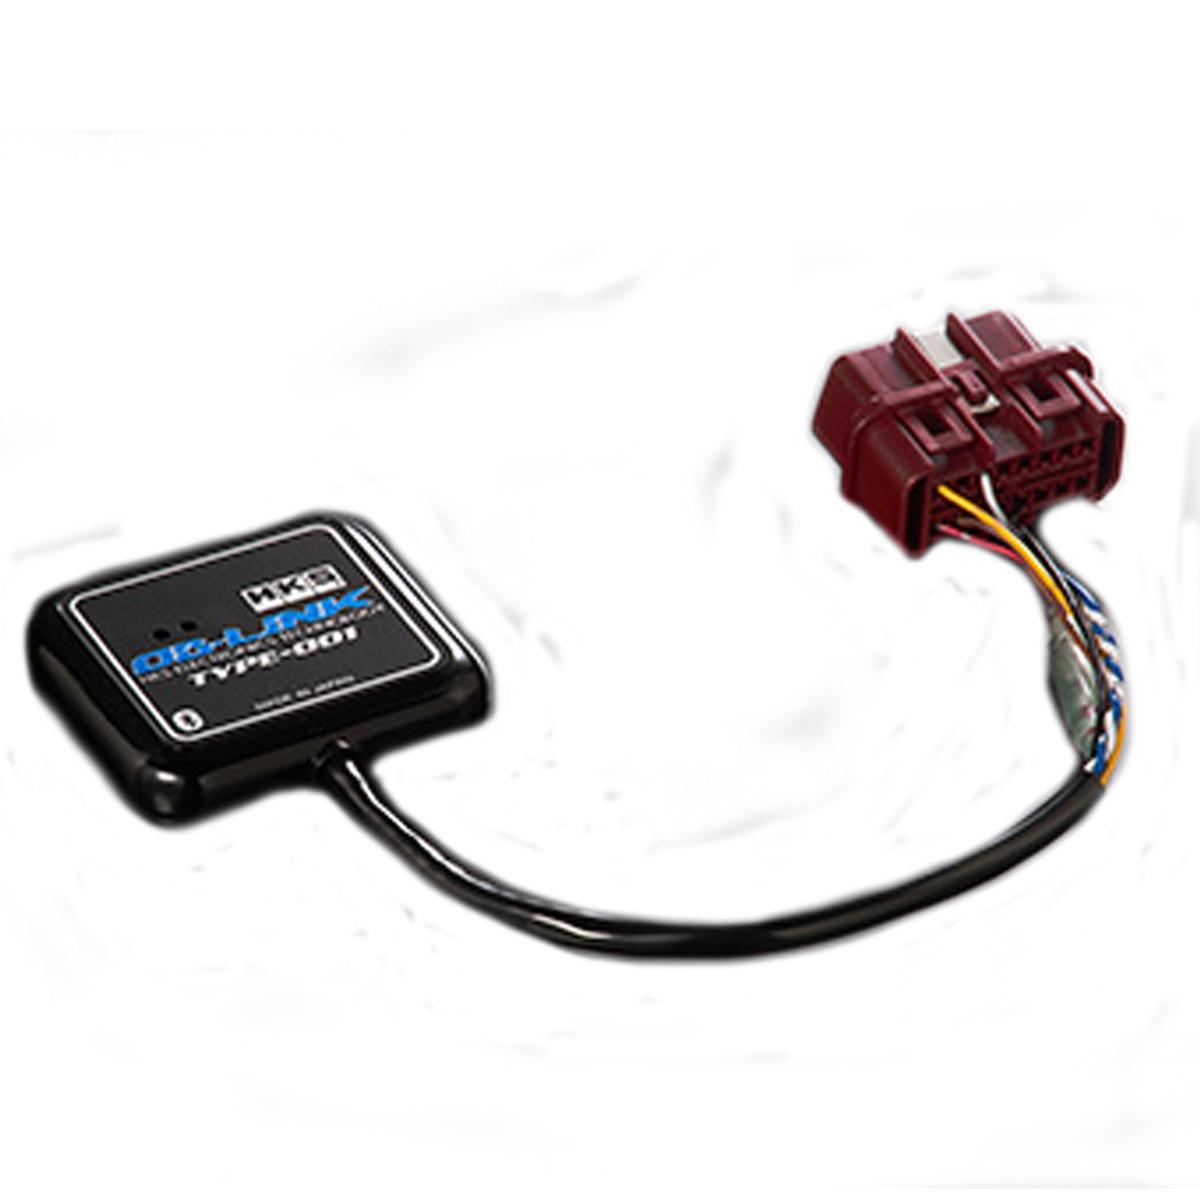 フィット モニター OBリンク タイプ 001 GE8 GE9 HKS 44009-AK002 エレクトリニクス